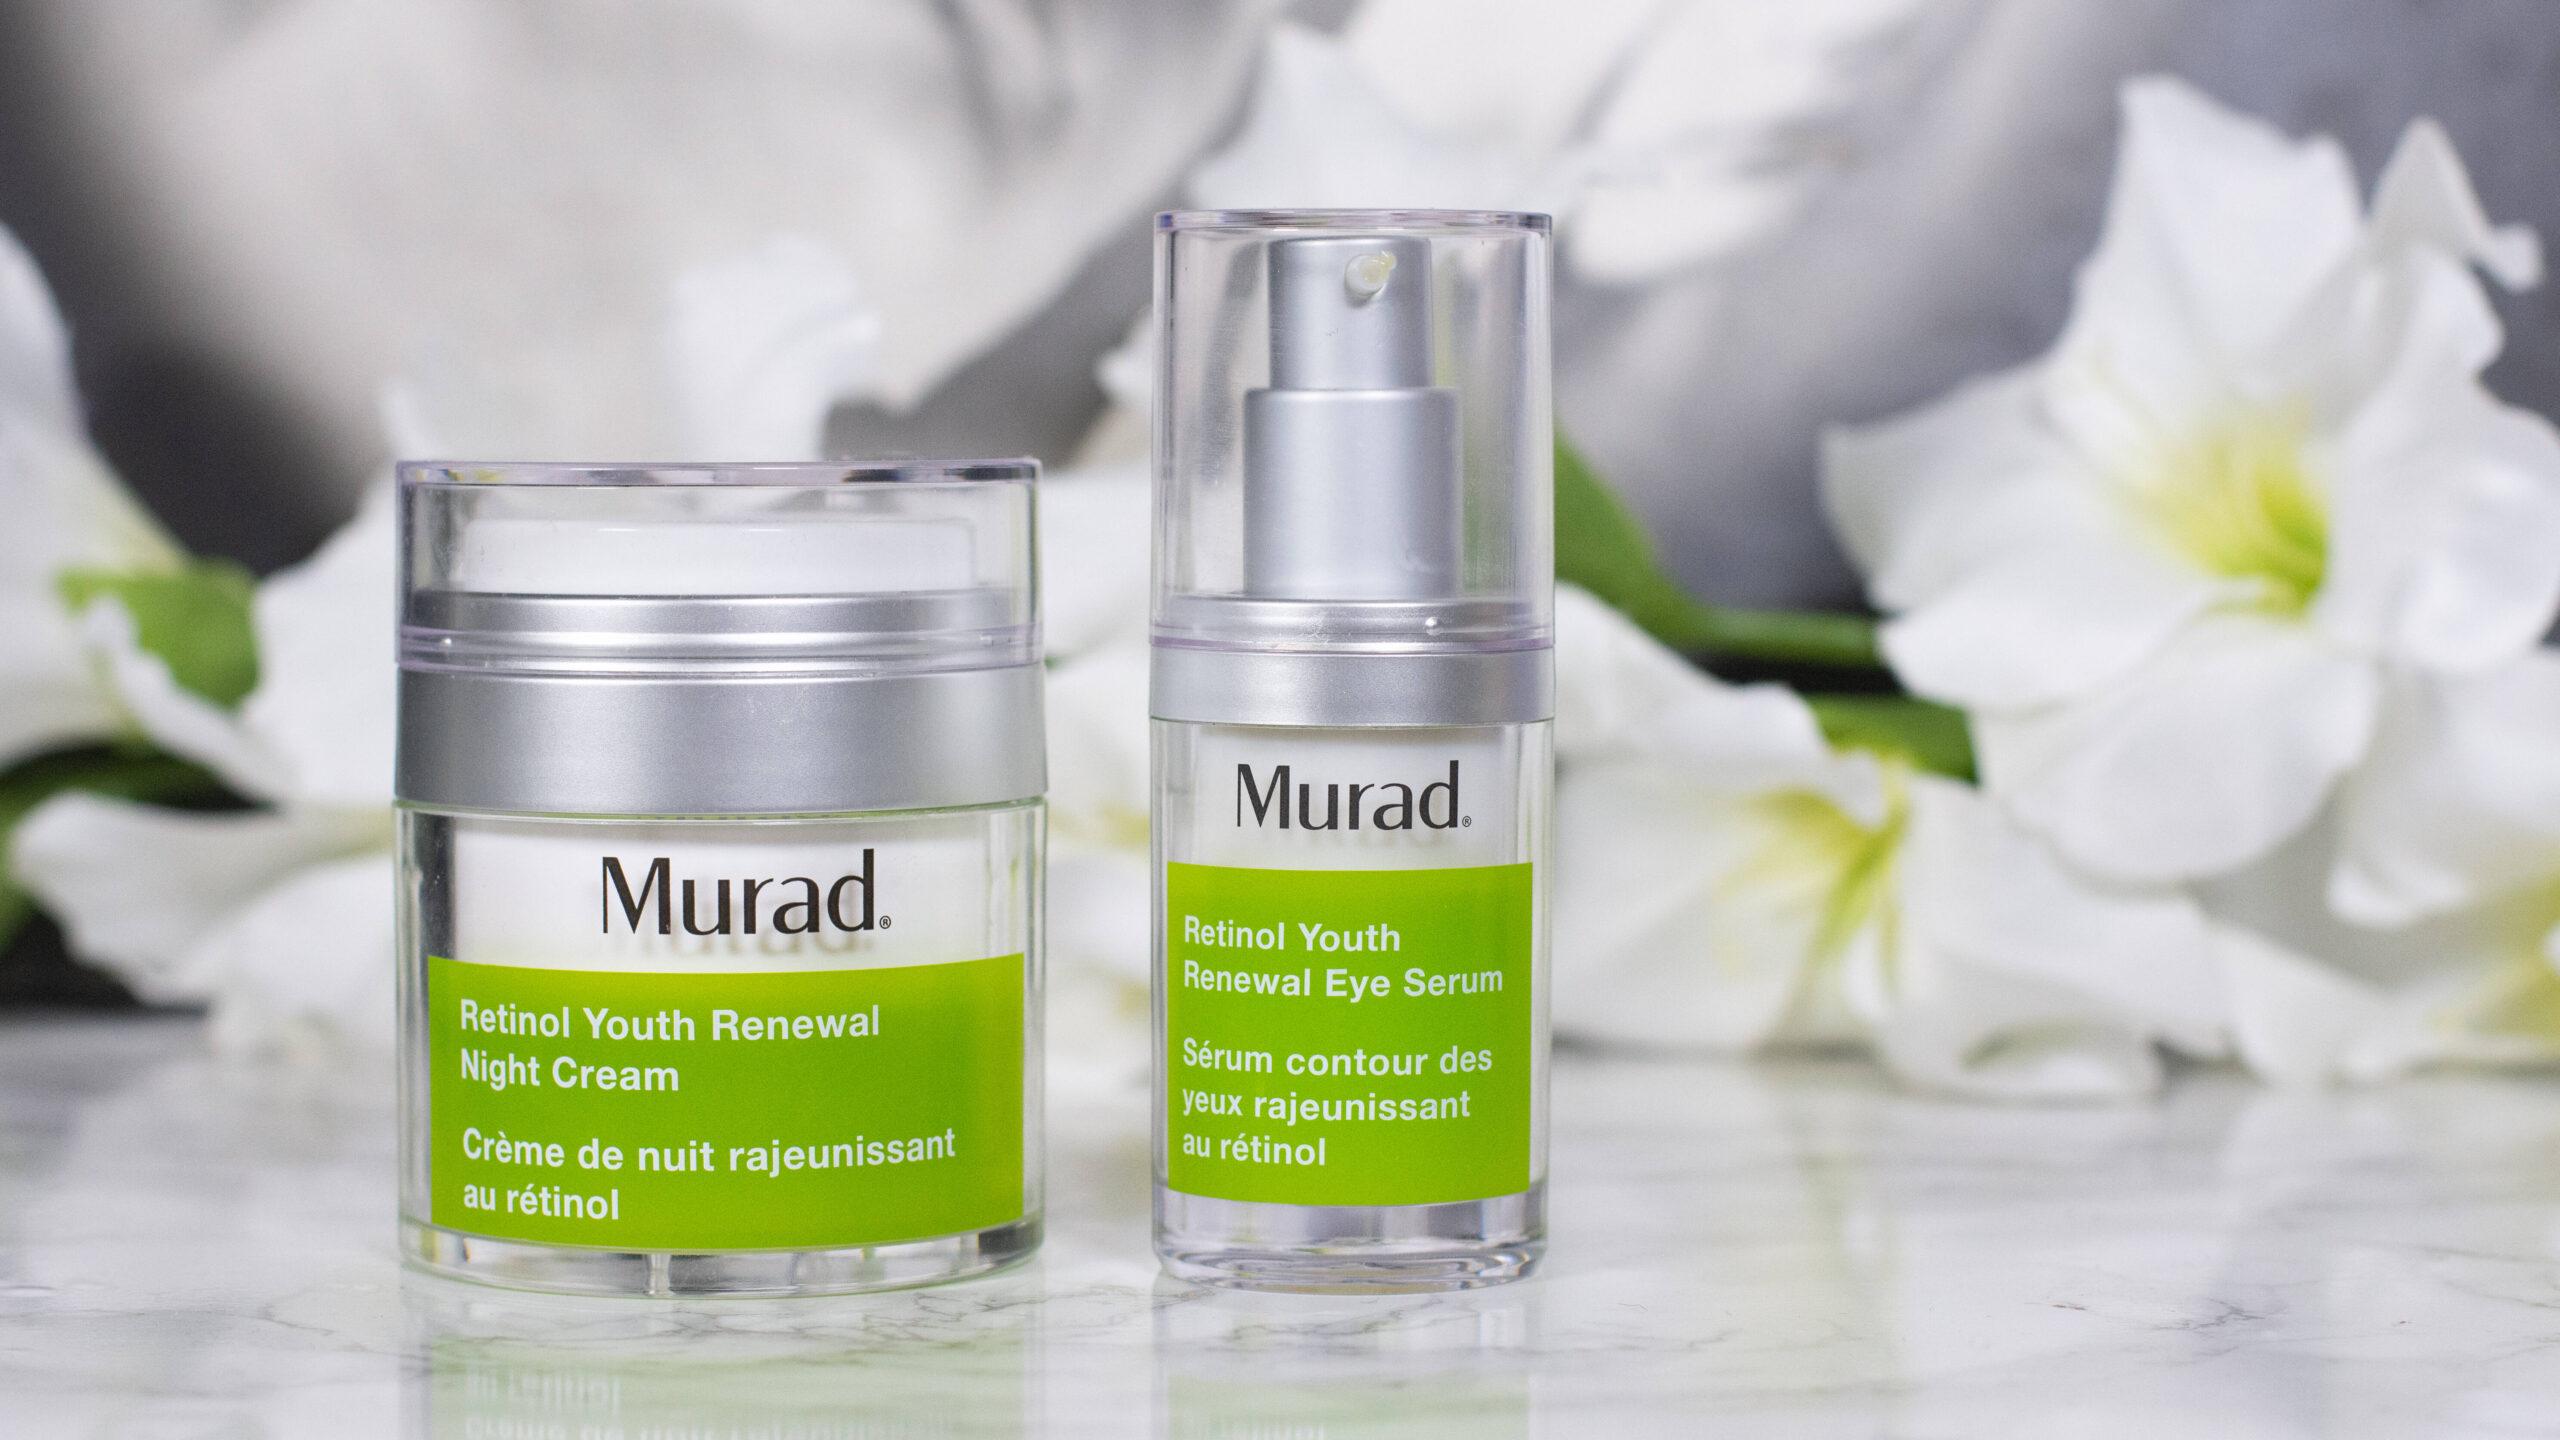 Murad Retinol Youth Renewal Eye Serum and Night Cream